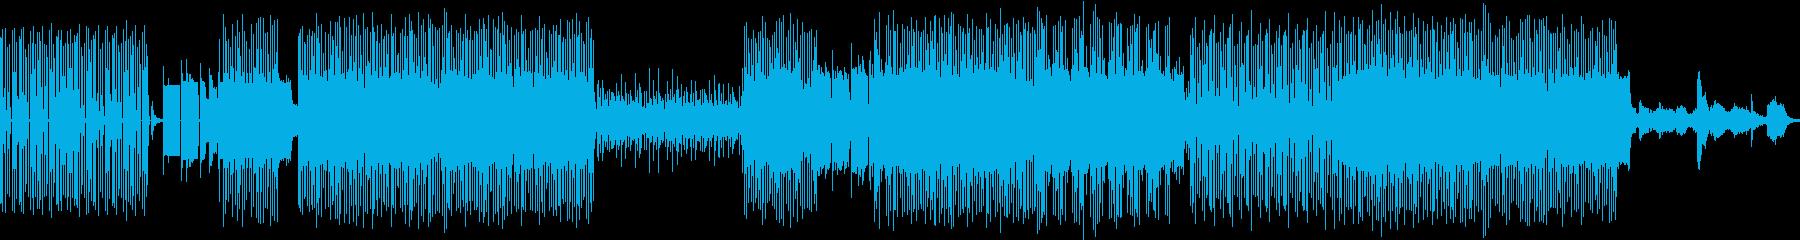 エレクトロ センチメンタル サスペ...の再生済みの波形